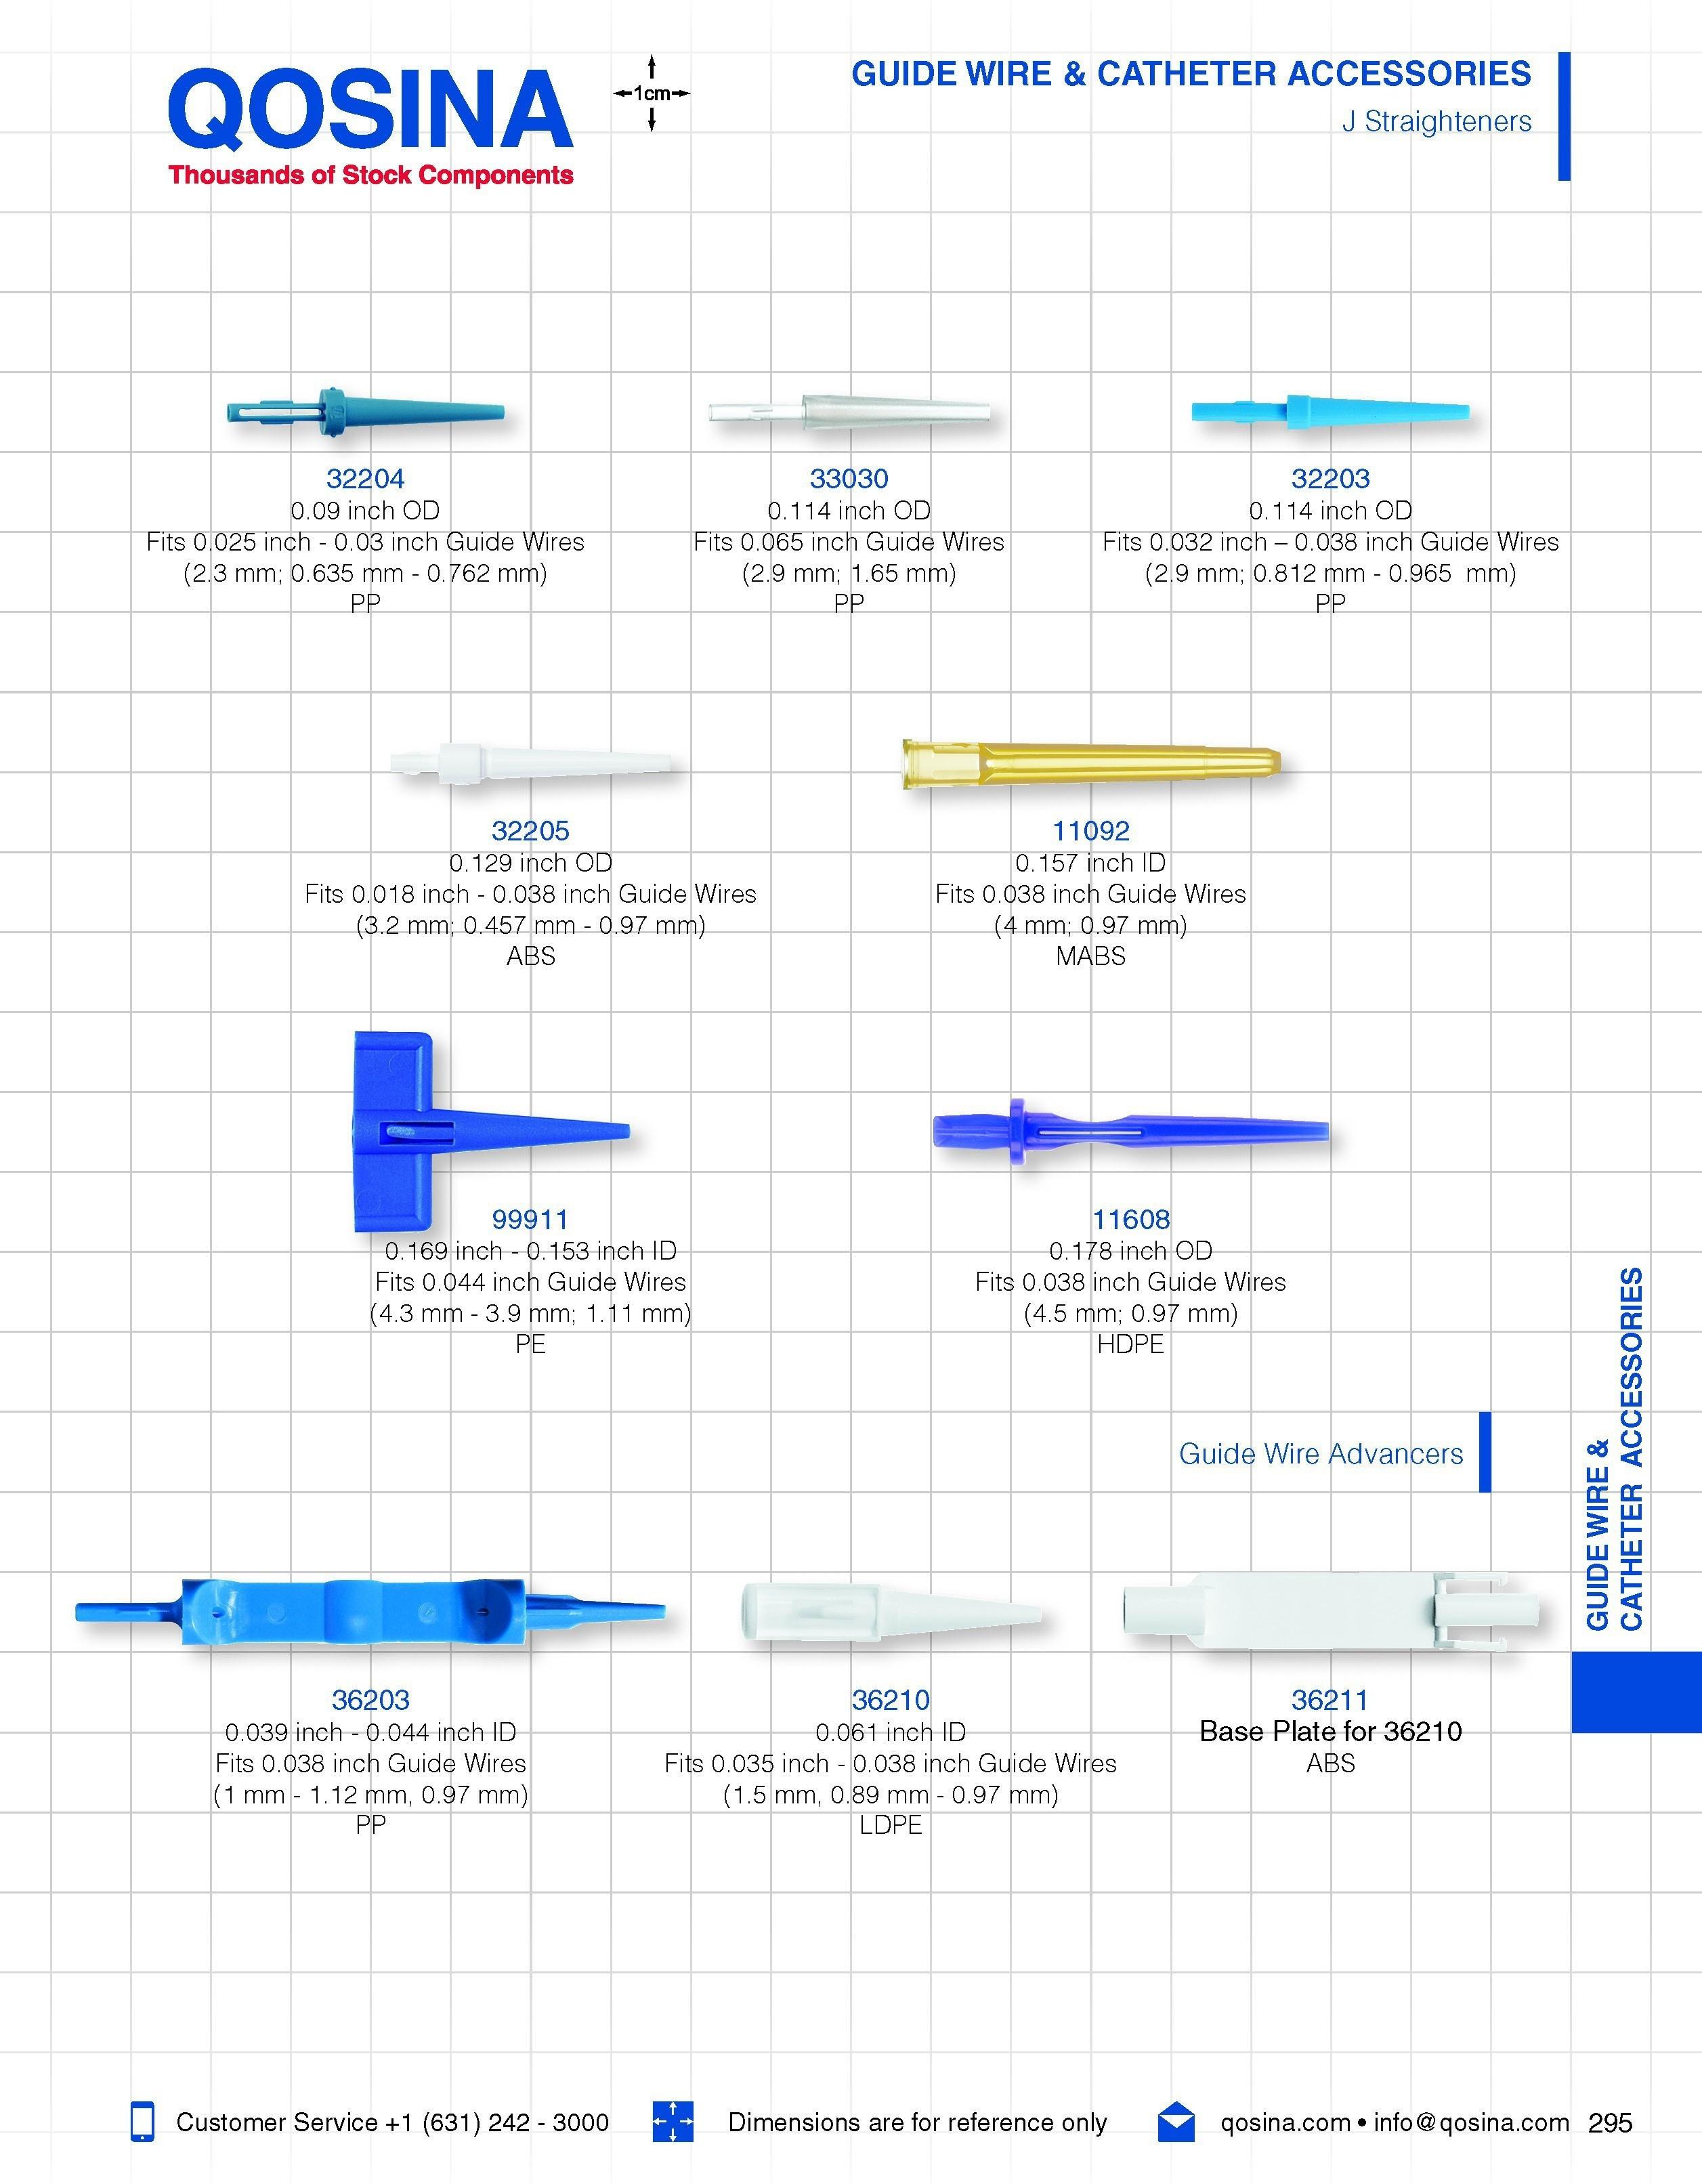 Wiring Diagram For Car Audio List Wiring Diagram Jvc Radio Inspirational Wiring Diagram For Jvc Car